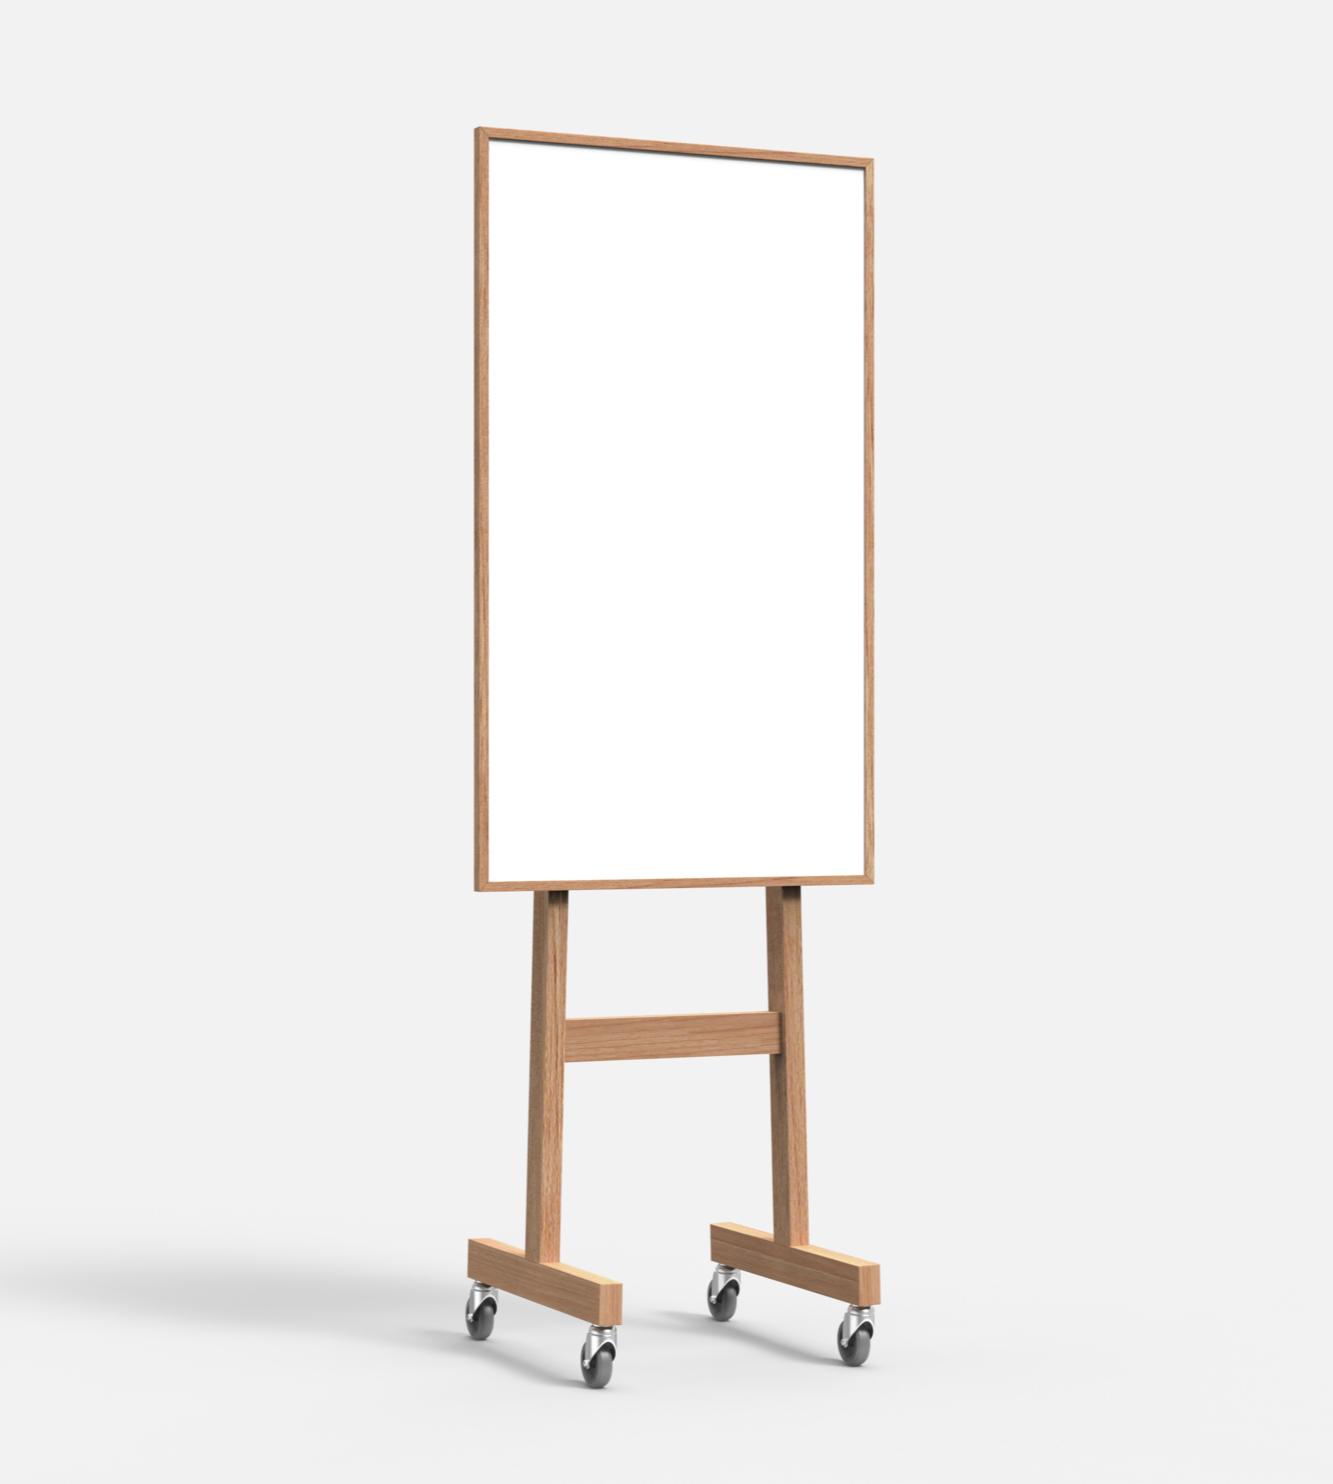 Tableau mobile design en bois 70 cm